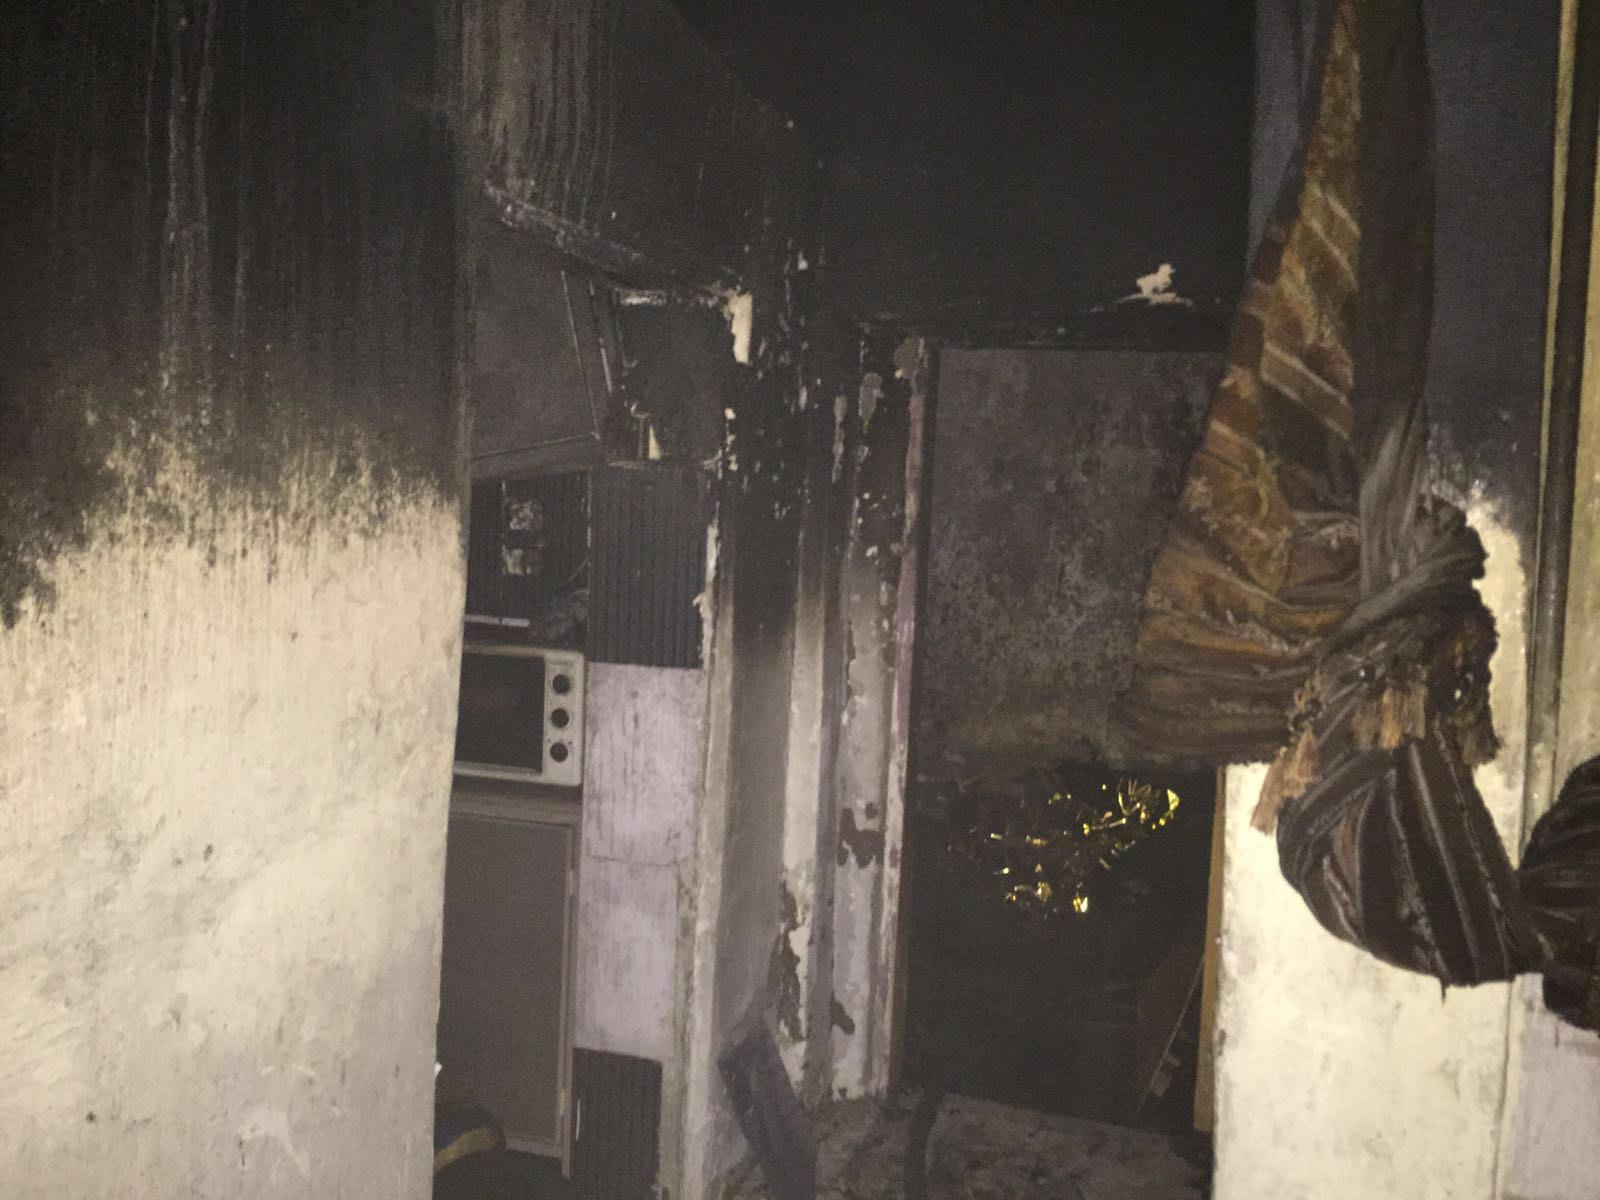 حريق منزل بالمدينة المنورة (4)